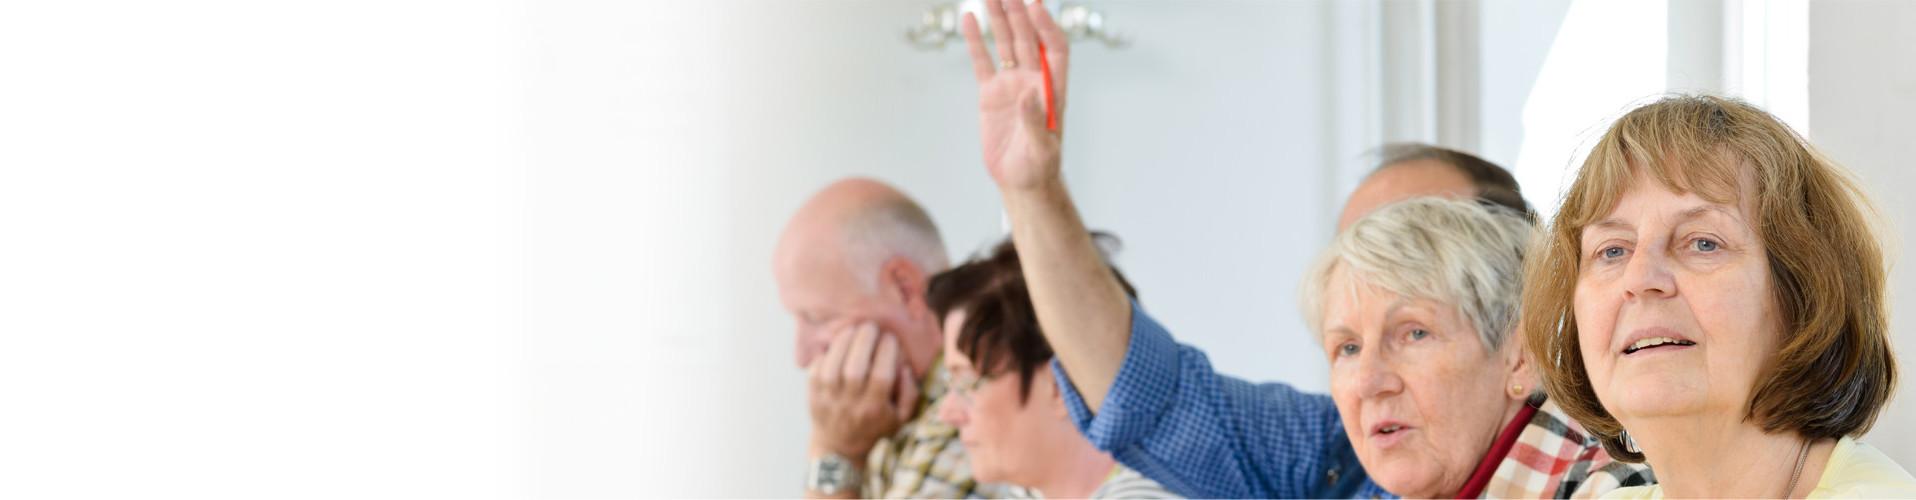 Drei Frauen und zwei Männer sitzen in einem Klassenzimmer, ein Mann hebt die Hand © Claudia Paulussen, stock.adobe.com